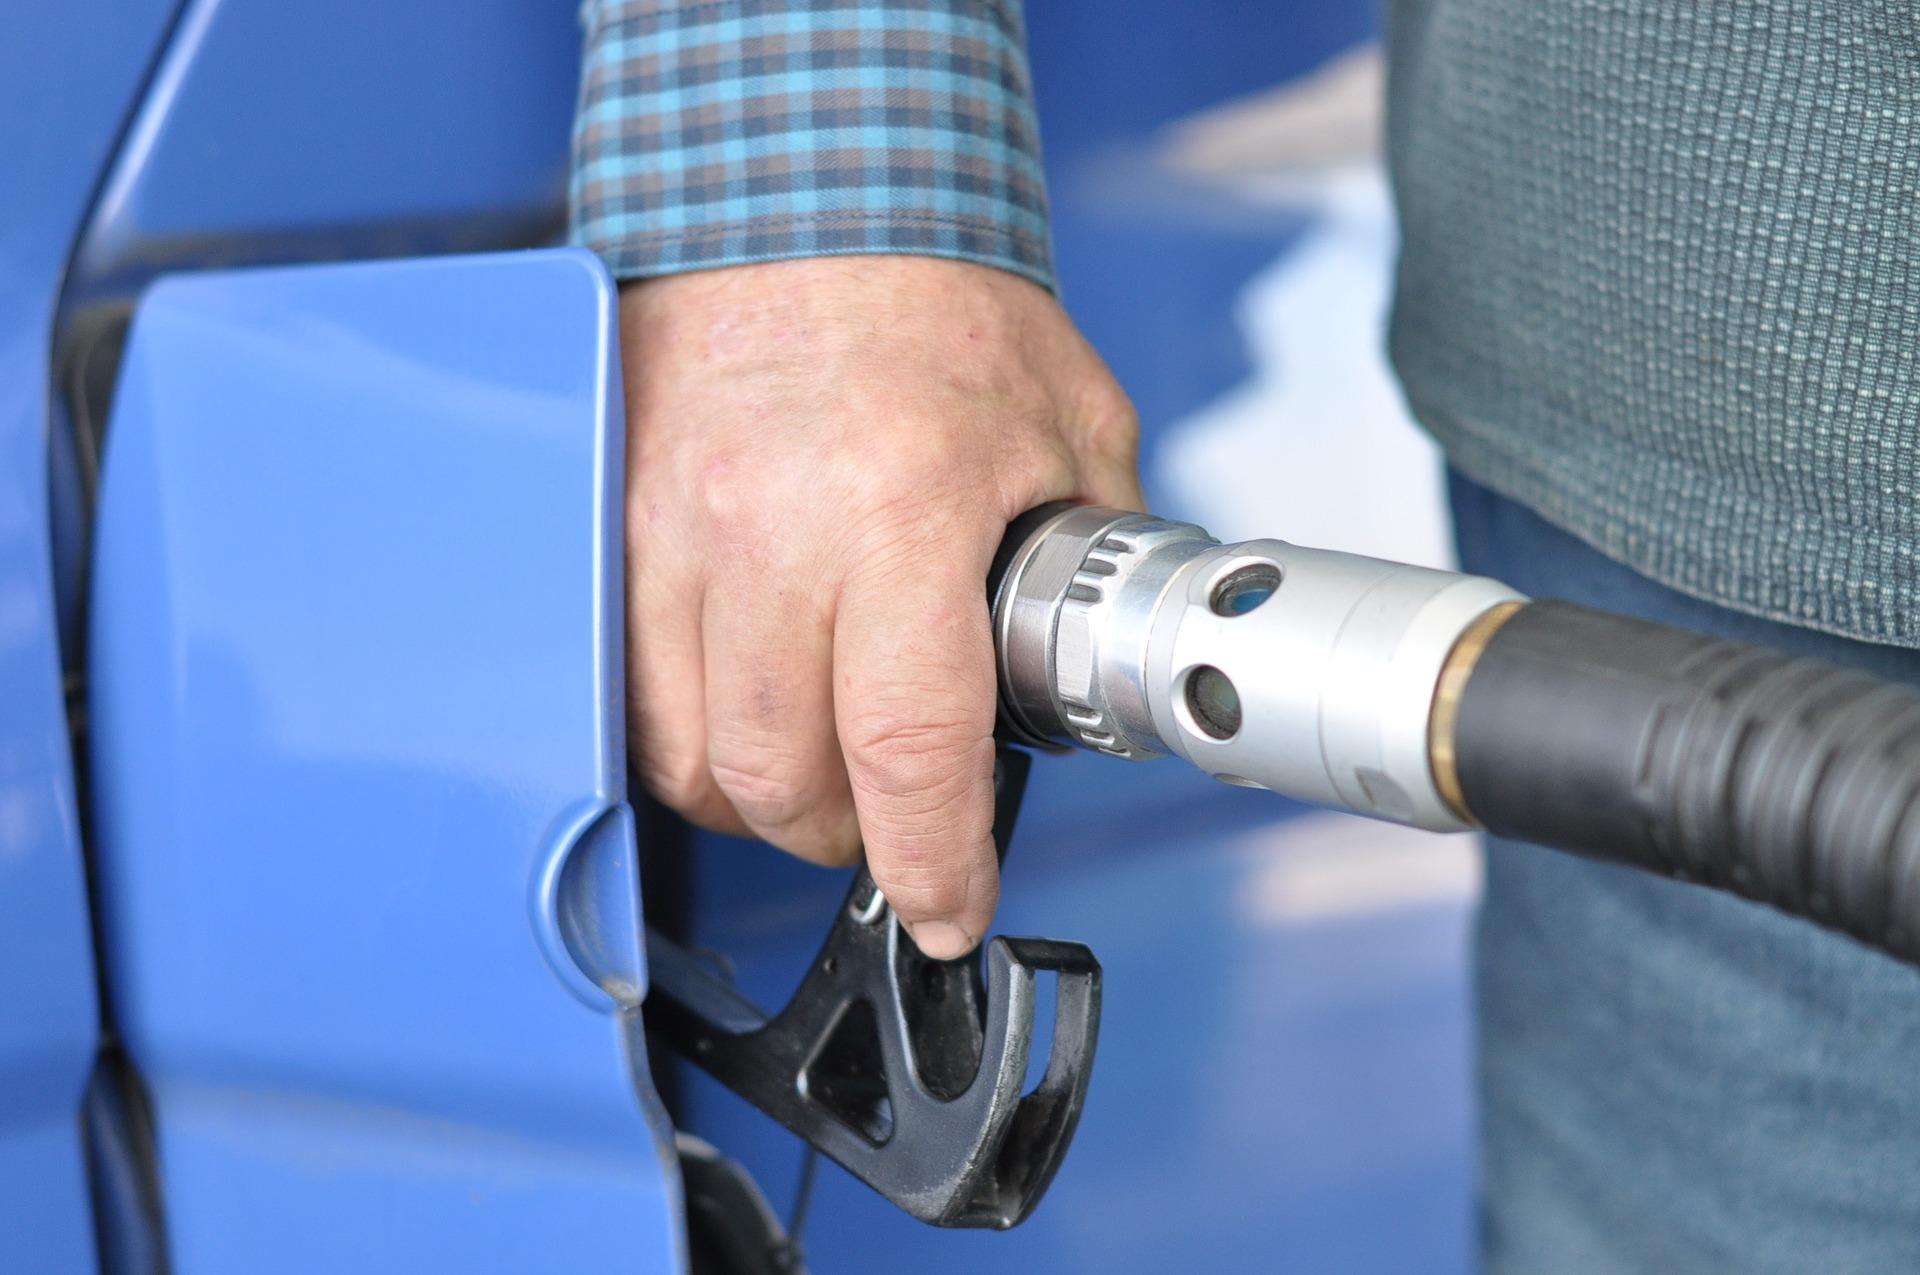 Как сэкономить топливо во время длительных поездок и путешествий?